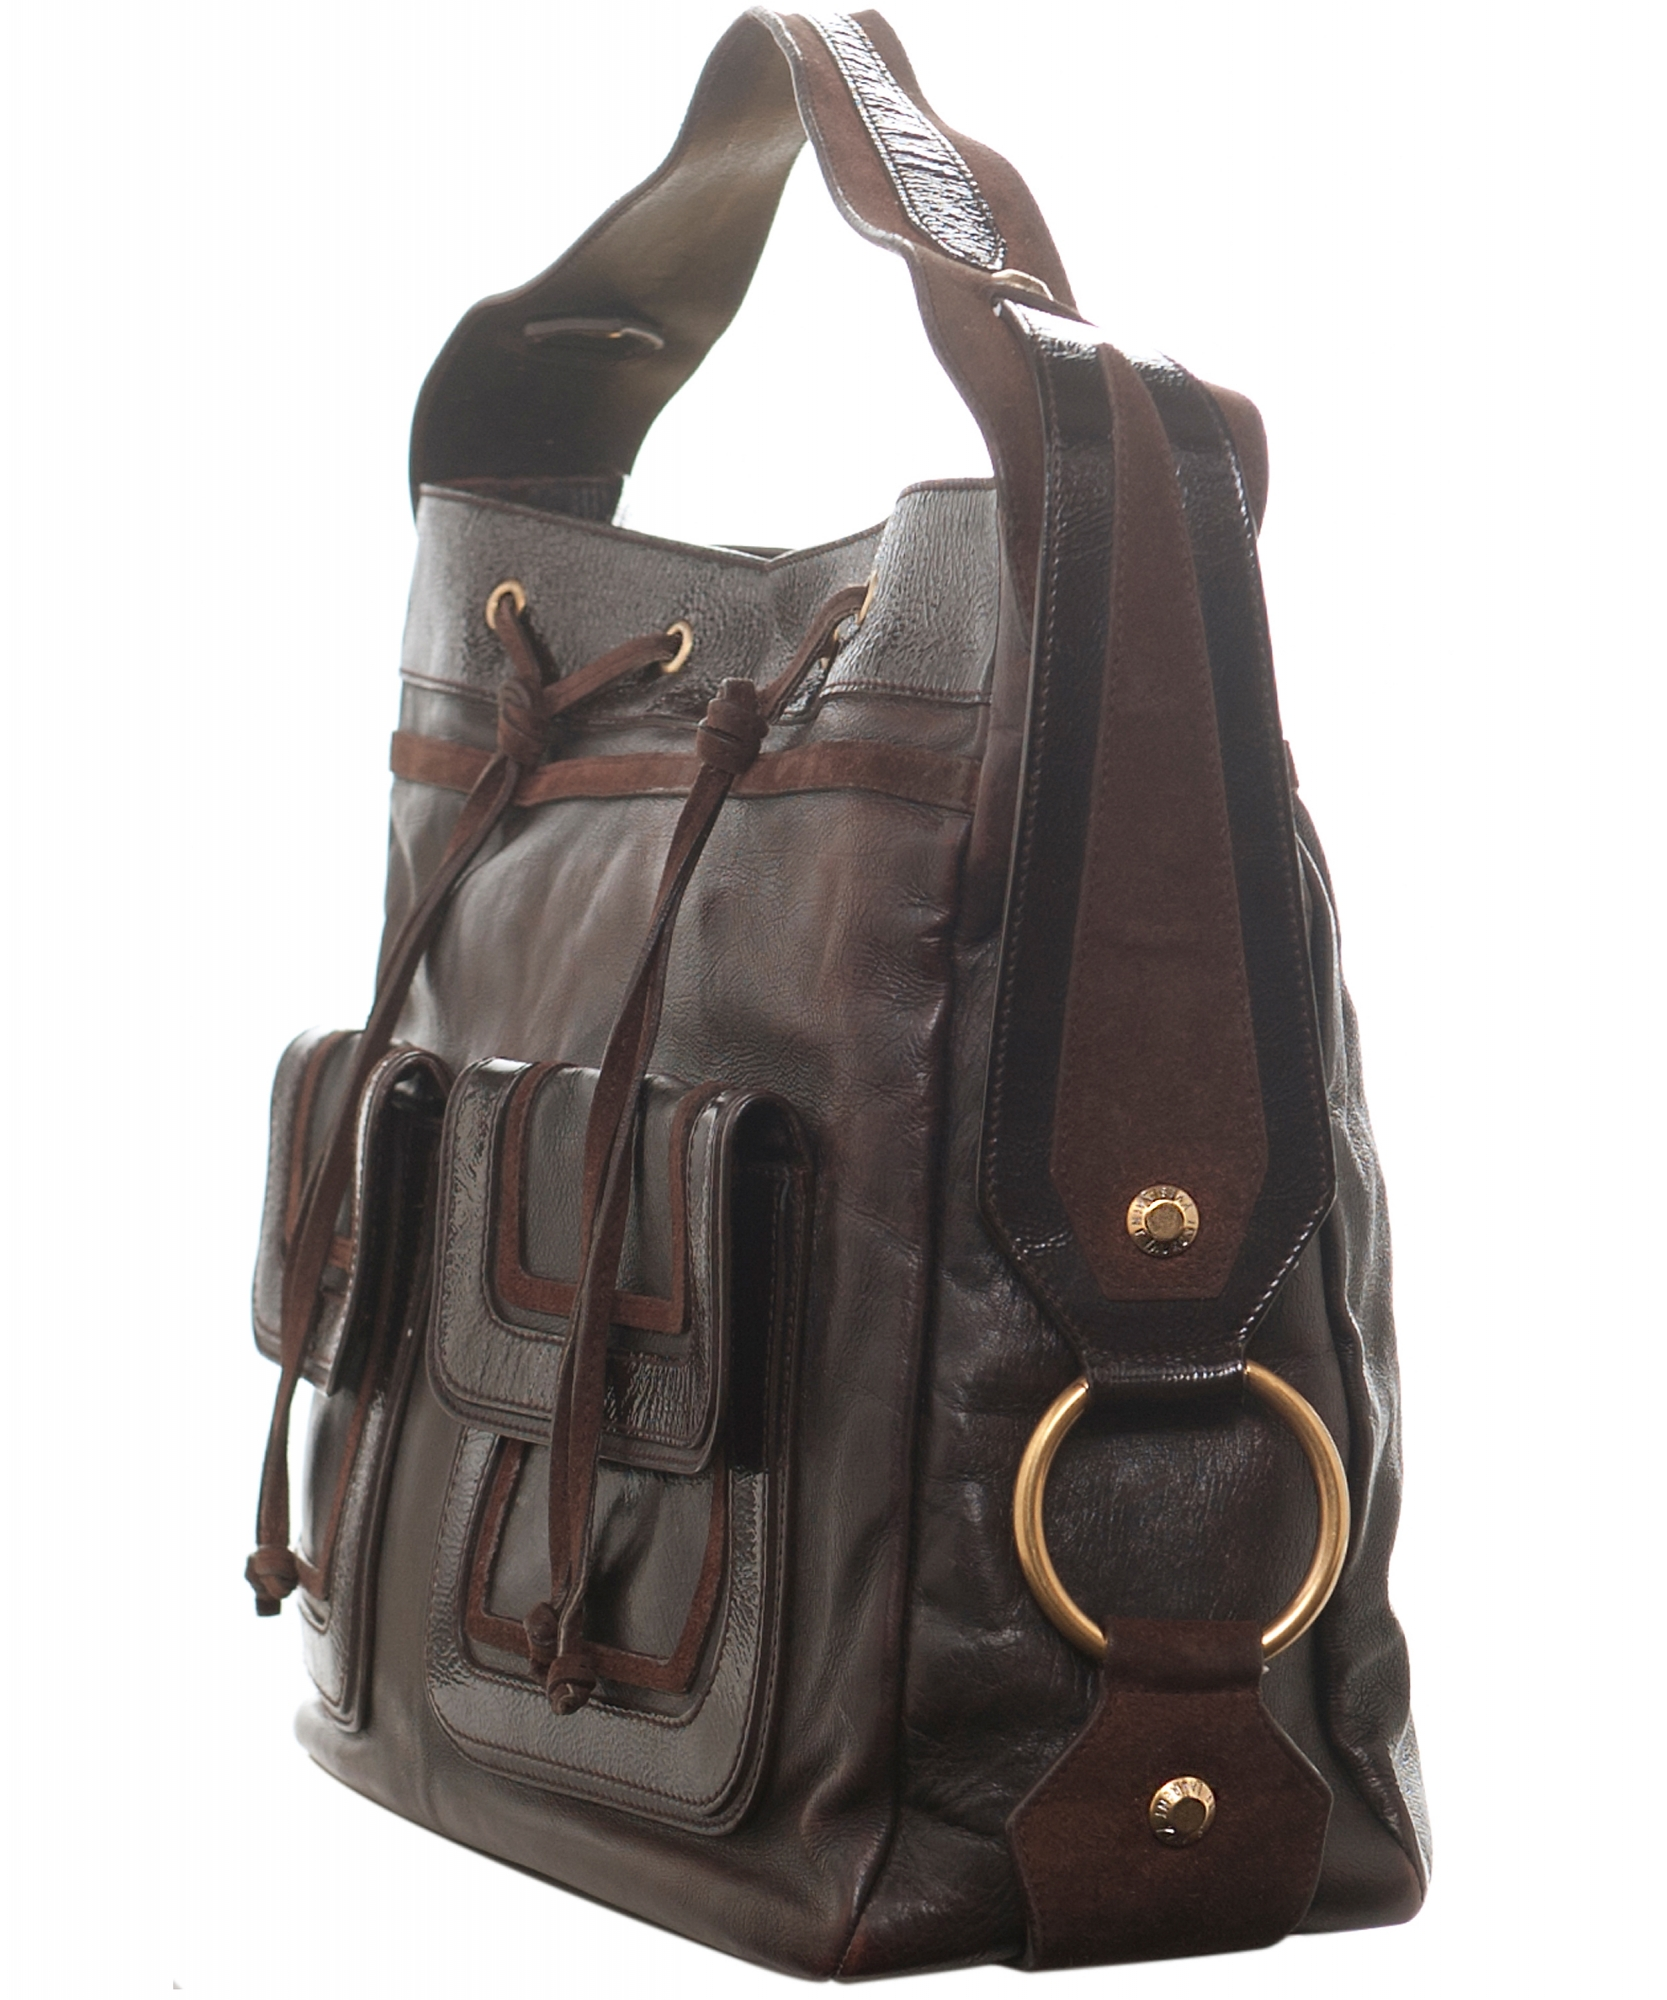 ba1d33428e2d ... Yves Saint Laurent  Rive Gauche  Brown Leather Shoulder Bag. Tap to  expand